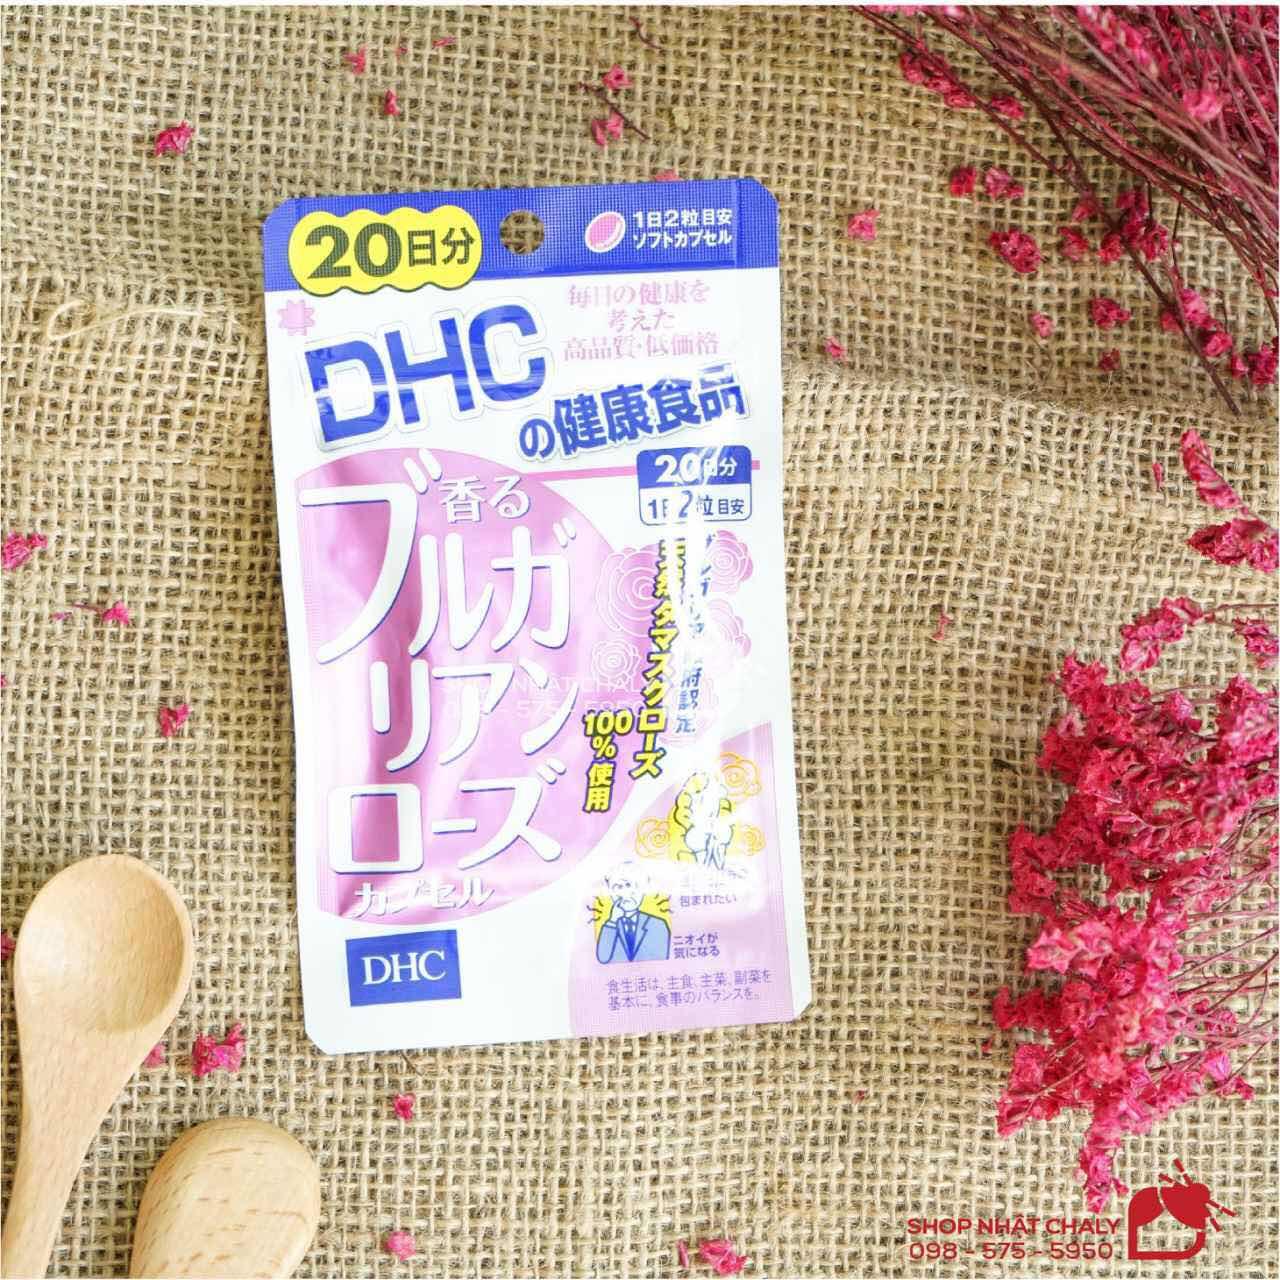 Viên uống thơm cơ thể DHC tinh dầu hoa hồng của Nhật có 2 size 40 viên (20 ngày) và 60 viên (30 ngày)